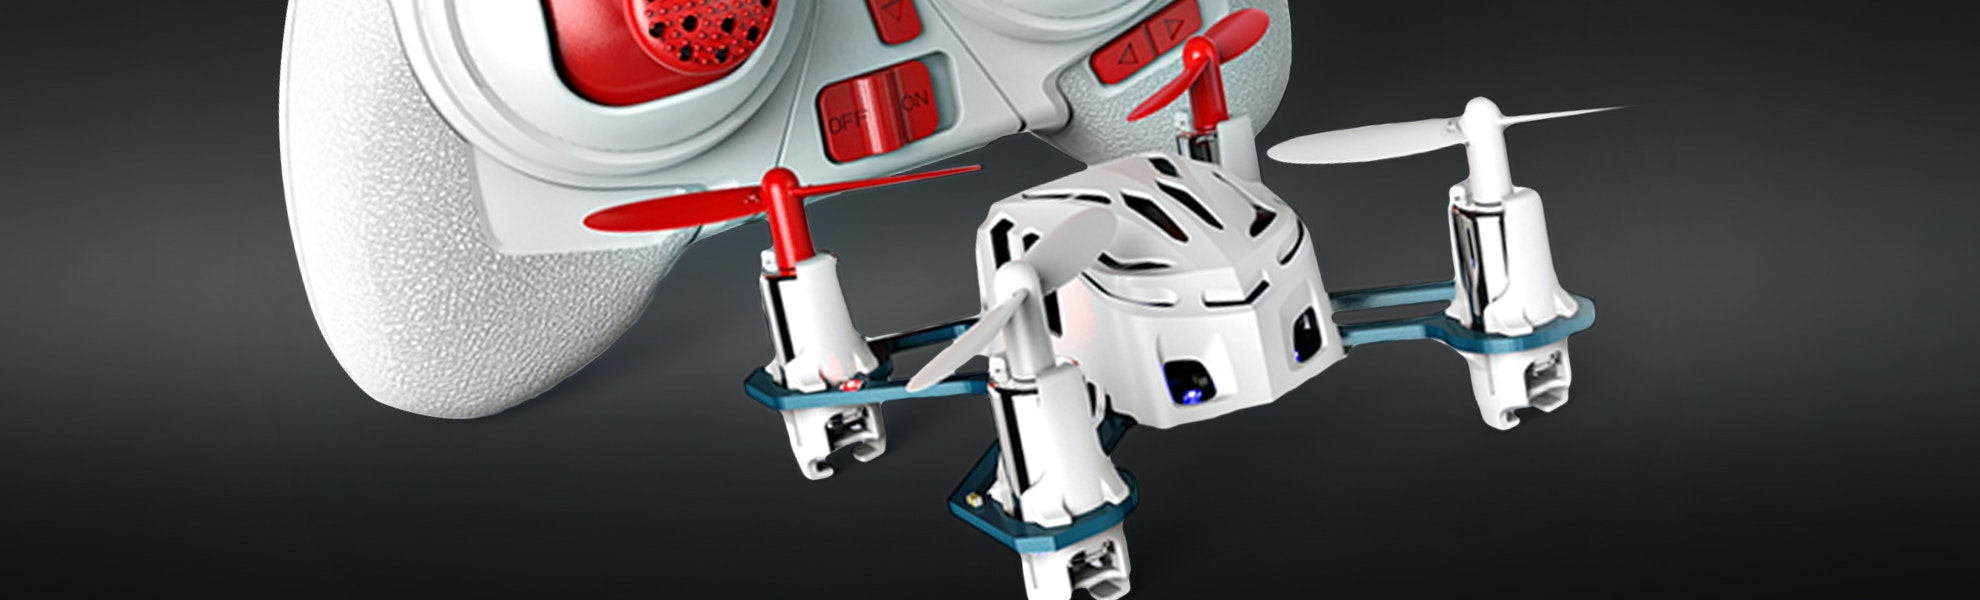 Hubsan Q4 Nano Drone H111